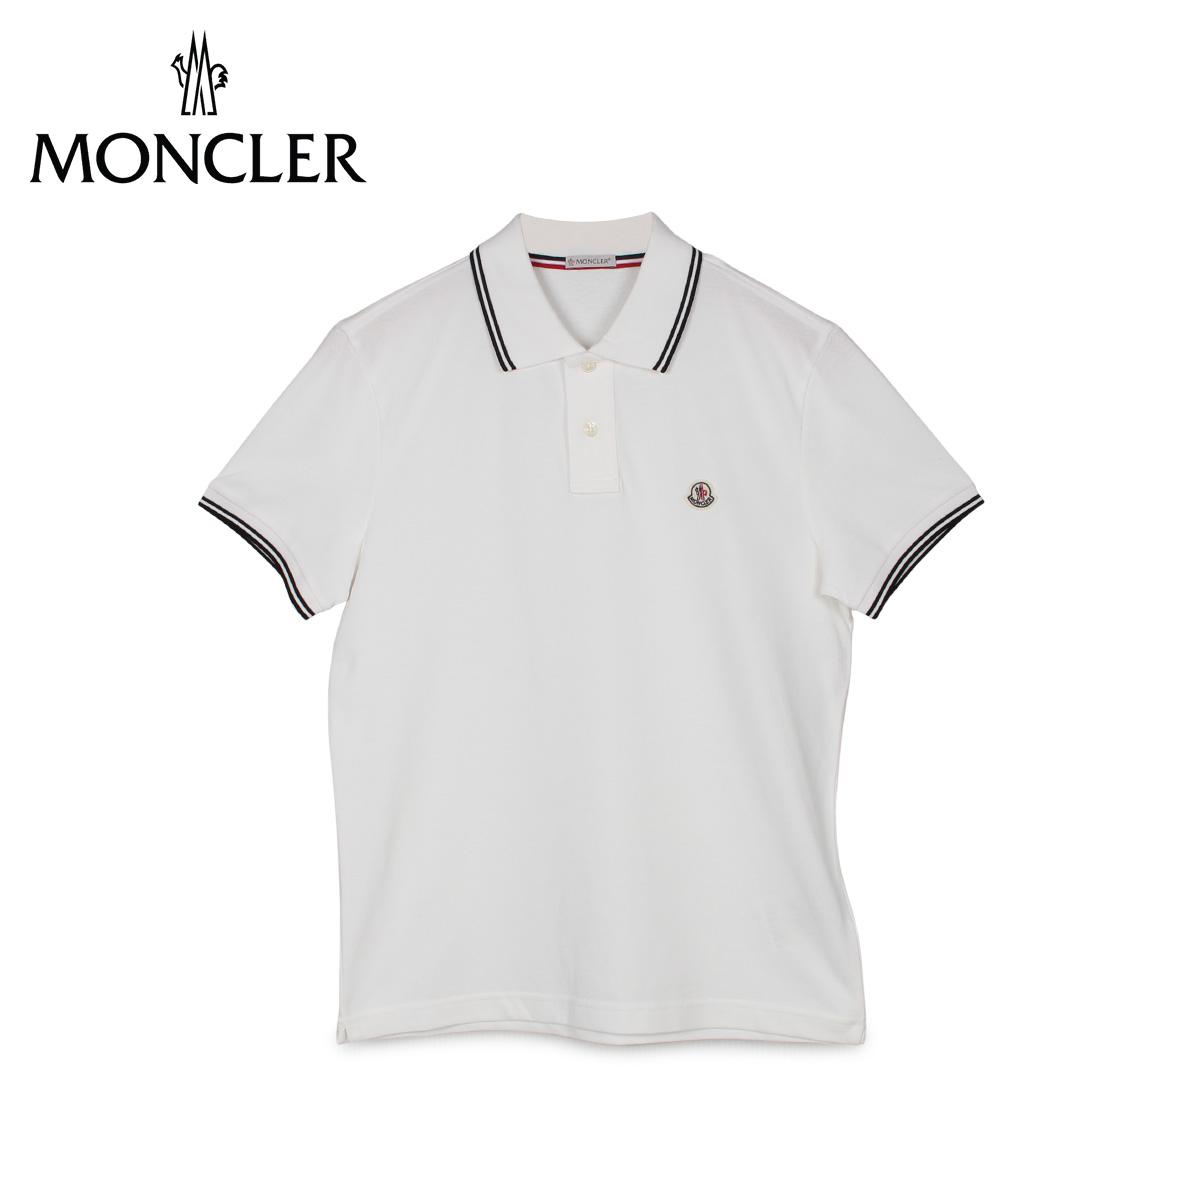 【最大2000円OFFクーポン】 モンクレール MONCLER ポロシャツ 半袖 メンズ POLO SHIRTS ホワイト白 83043 99 84556 [4/23 新入荷]